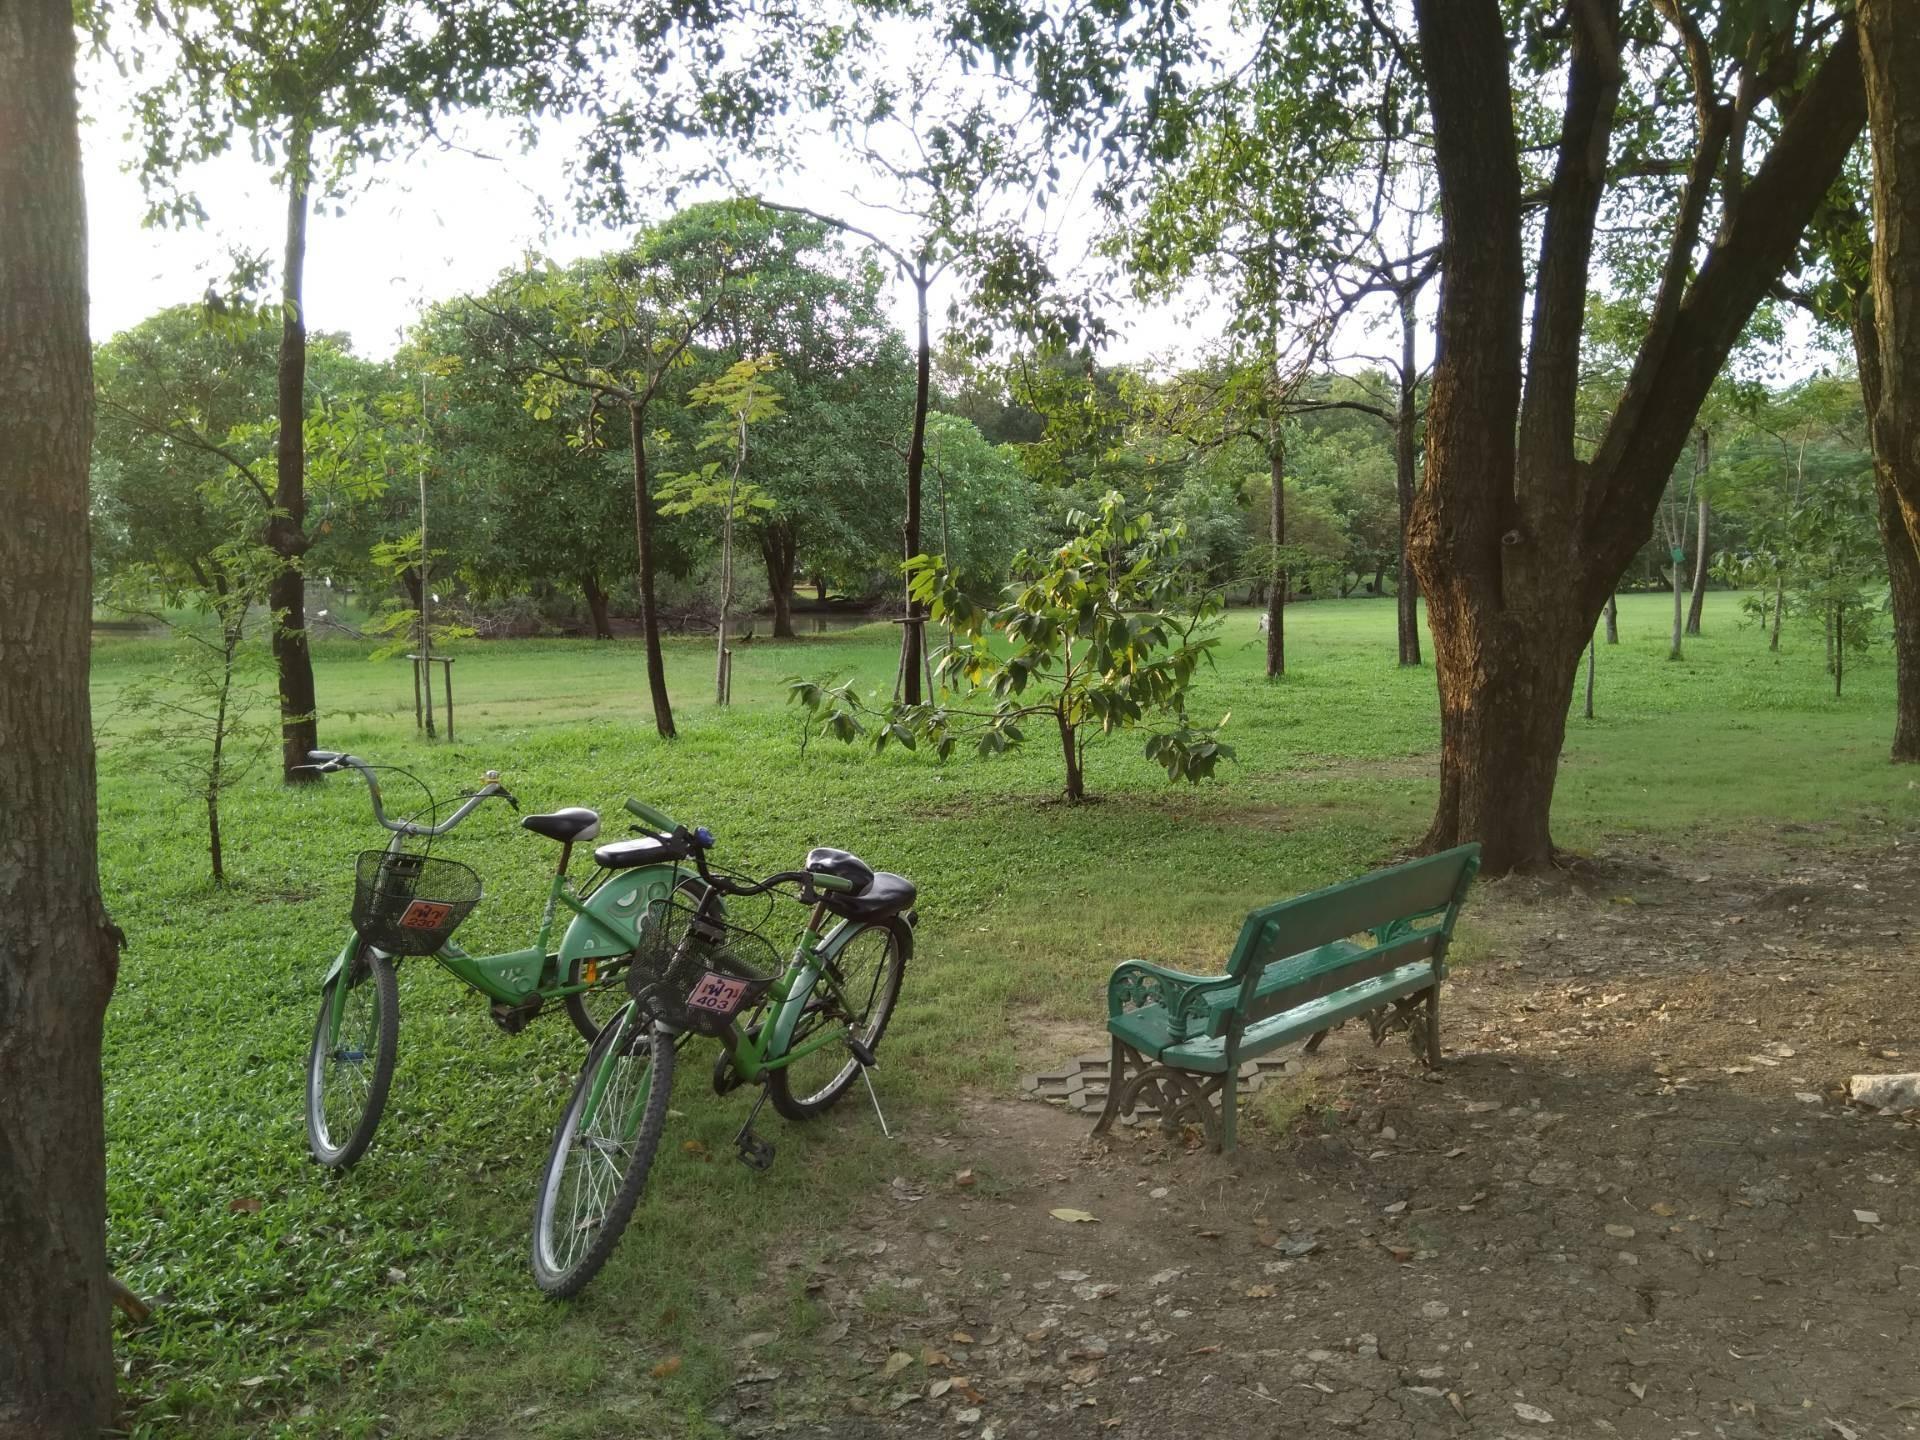 สวนวชิรเบญจทัศ (สวนรถไฟ)